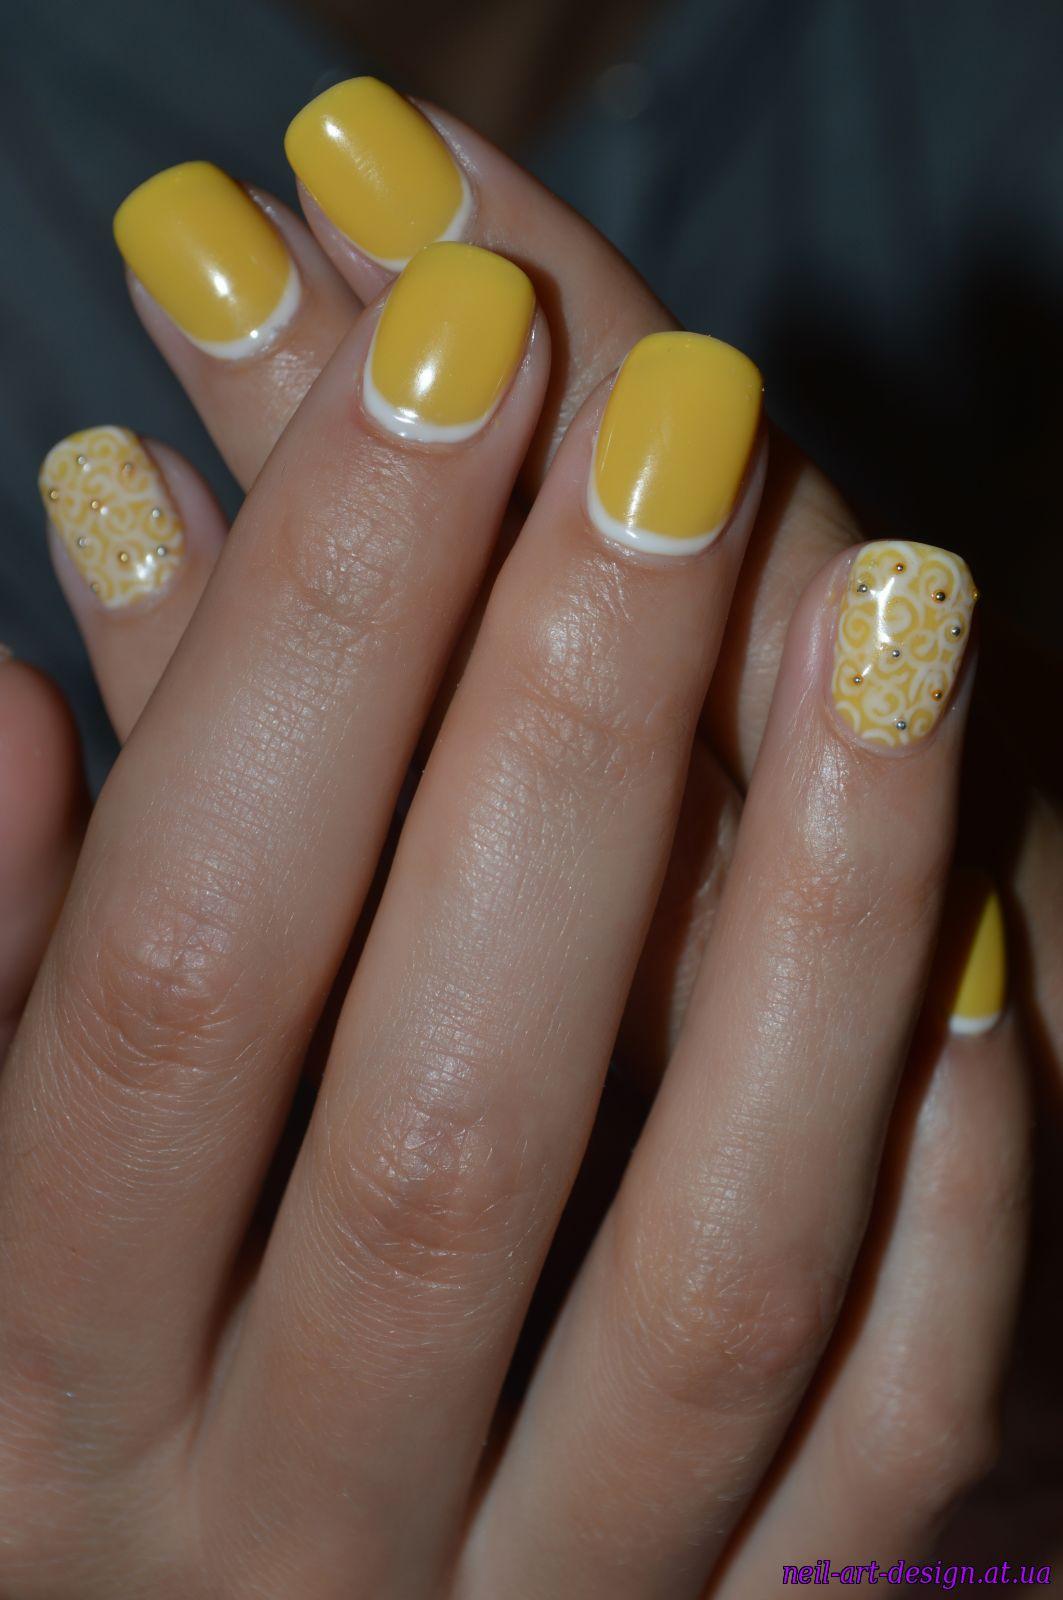 Маникюр в желтых тонах фото шеллак